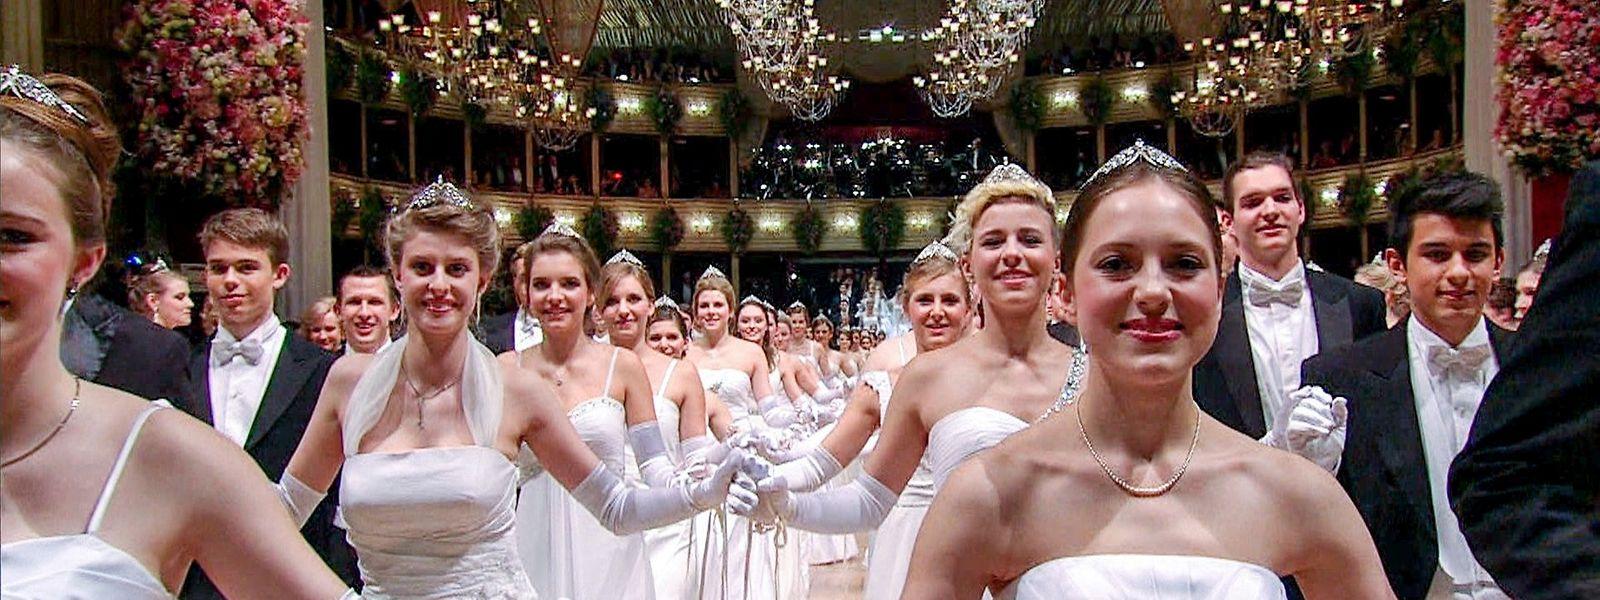 Der Wiener Opernball wird auch in diesem Jahr auf dem Sender 3Sat übertragen (4. Februar, 20.15 Uhr).